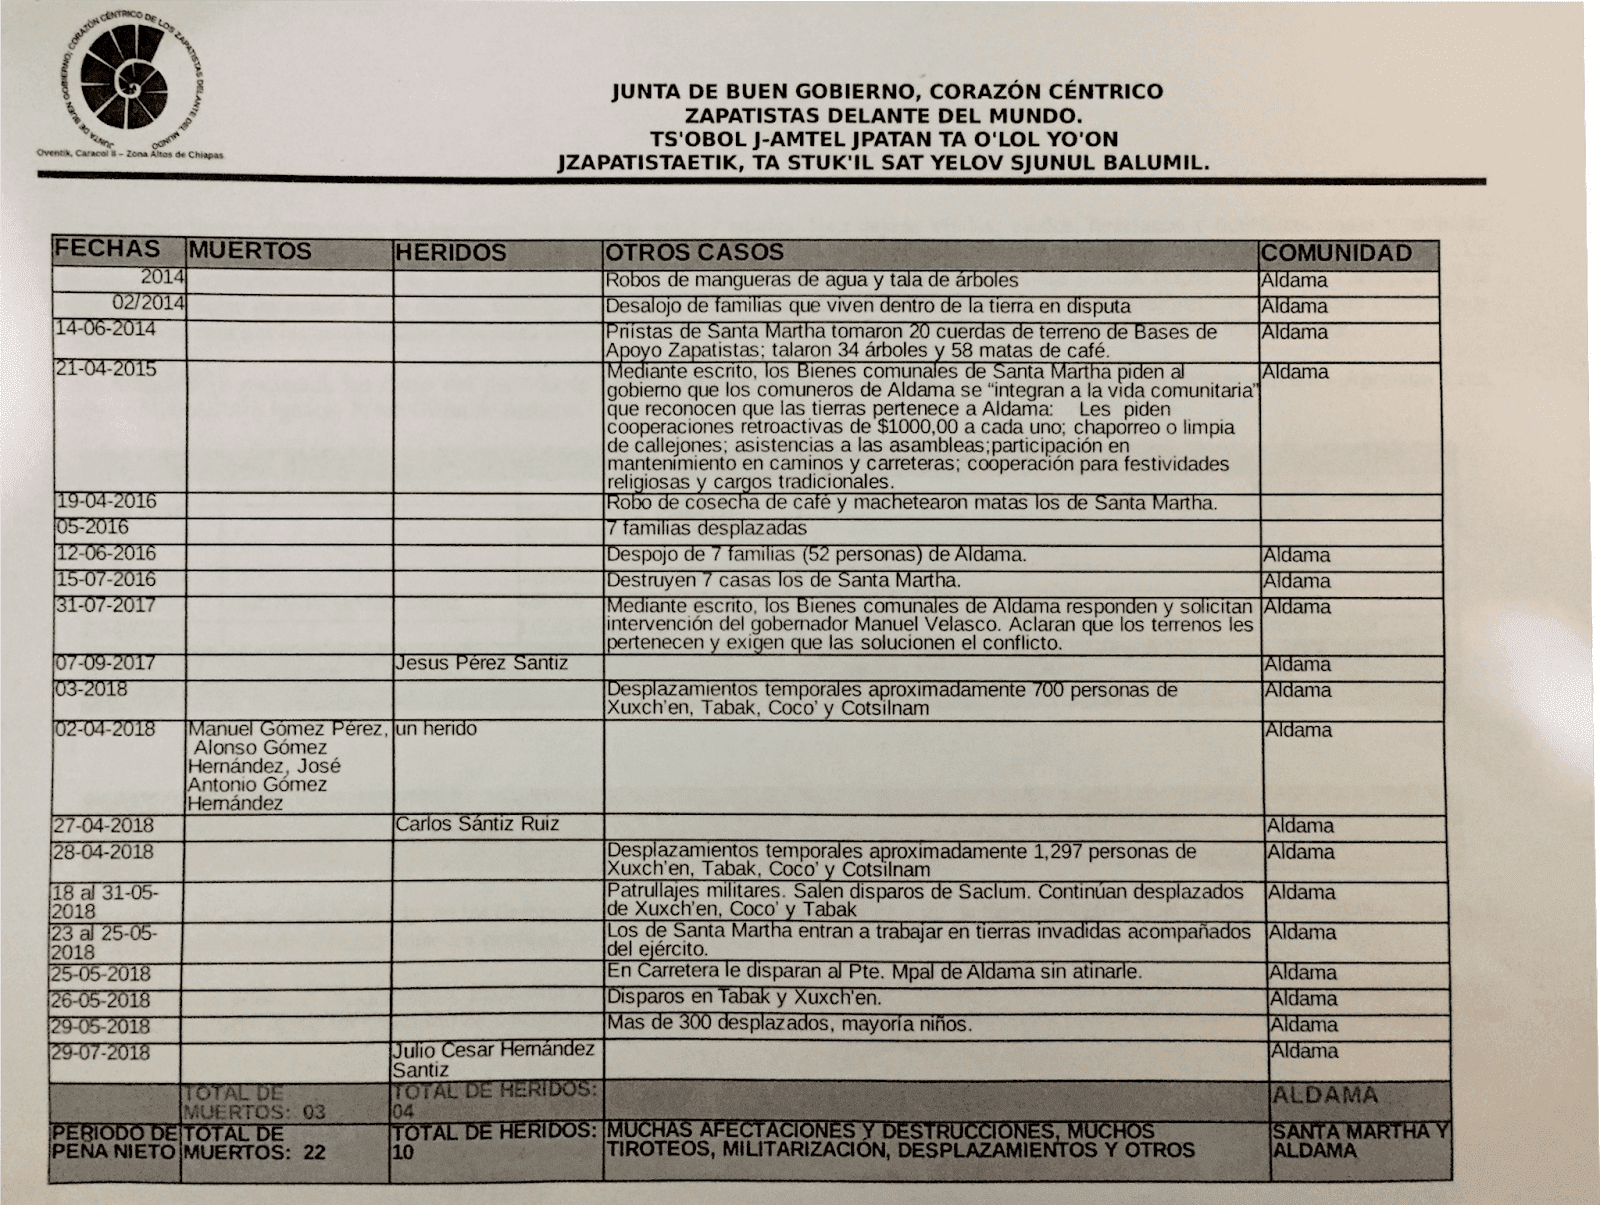 Registros de muertes_Junta de Gobierno Zapatista_4